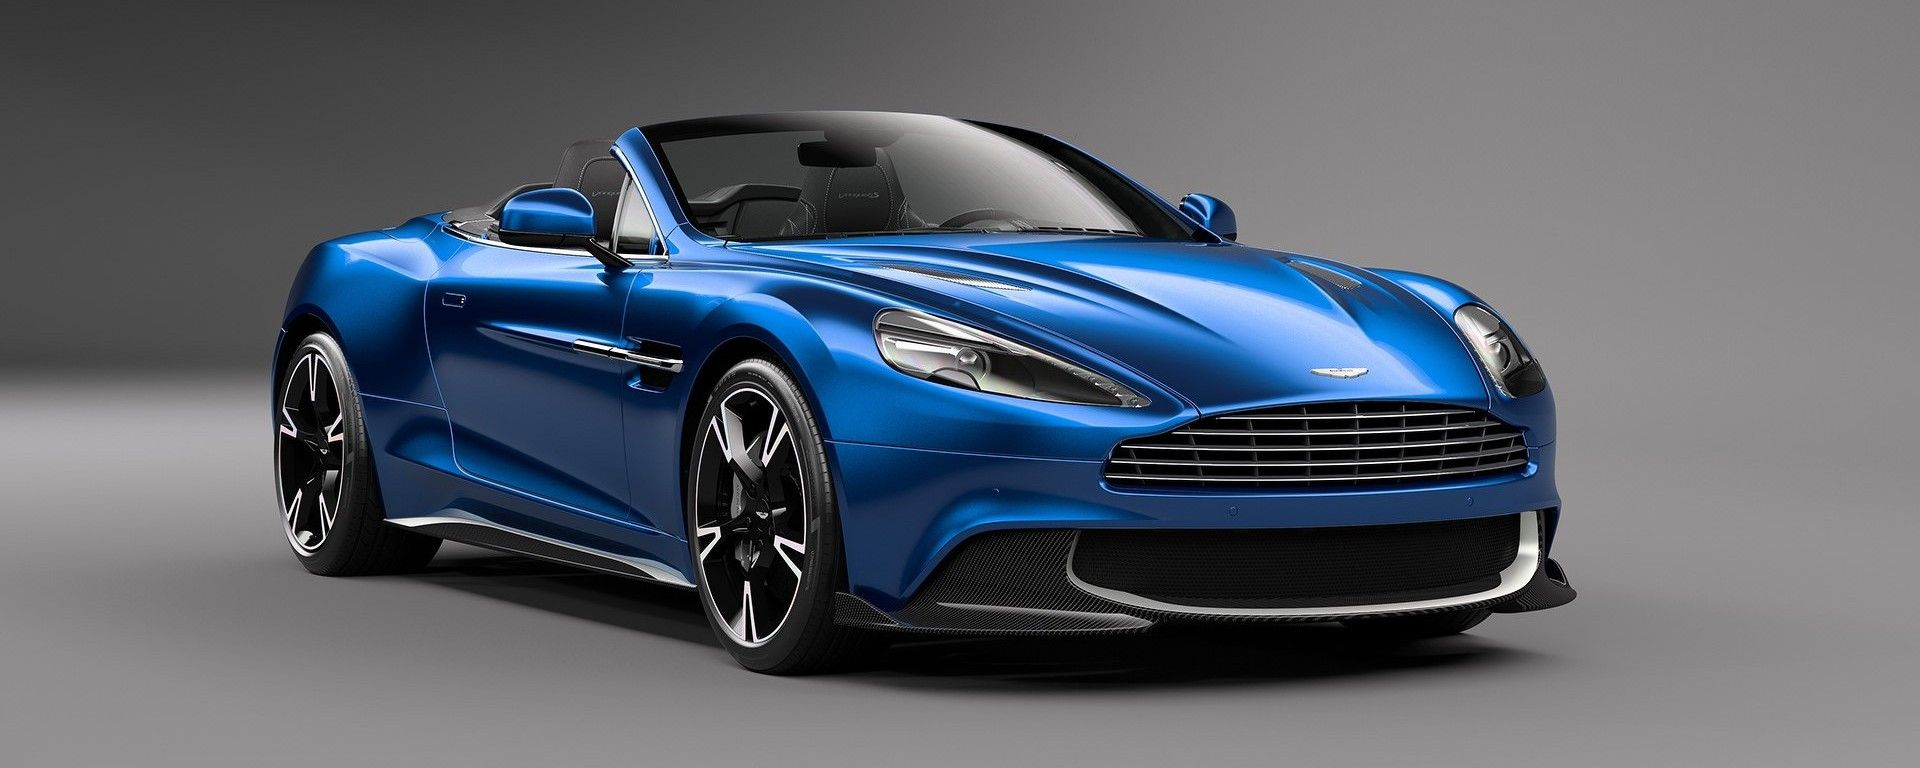 Aston Martin Vanquish S Volante: 323 orari a tetto aperto